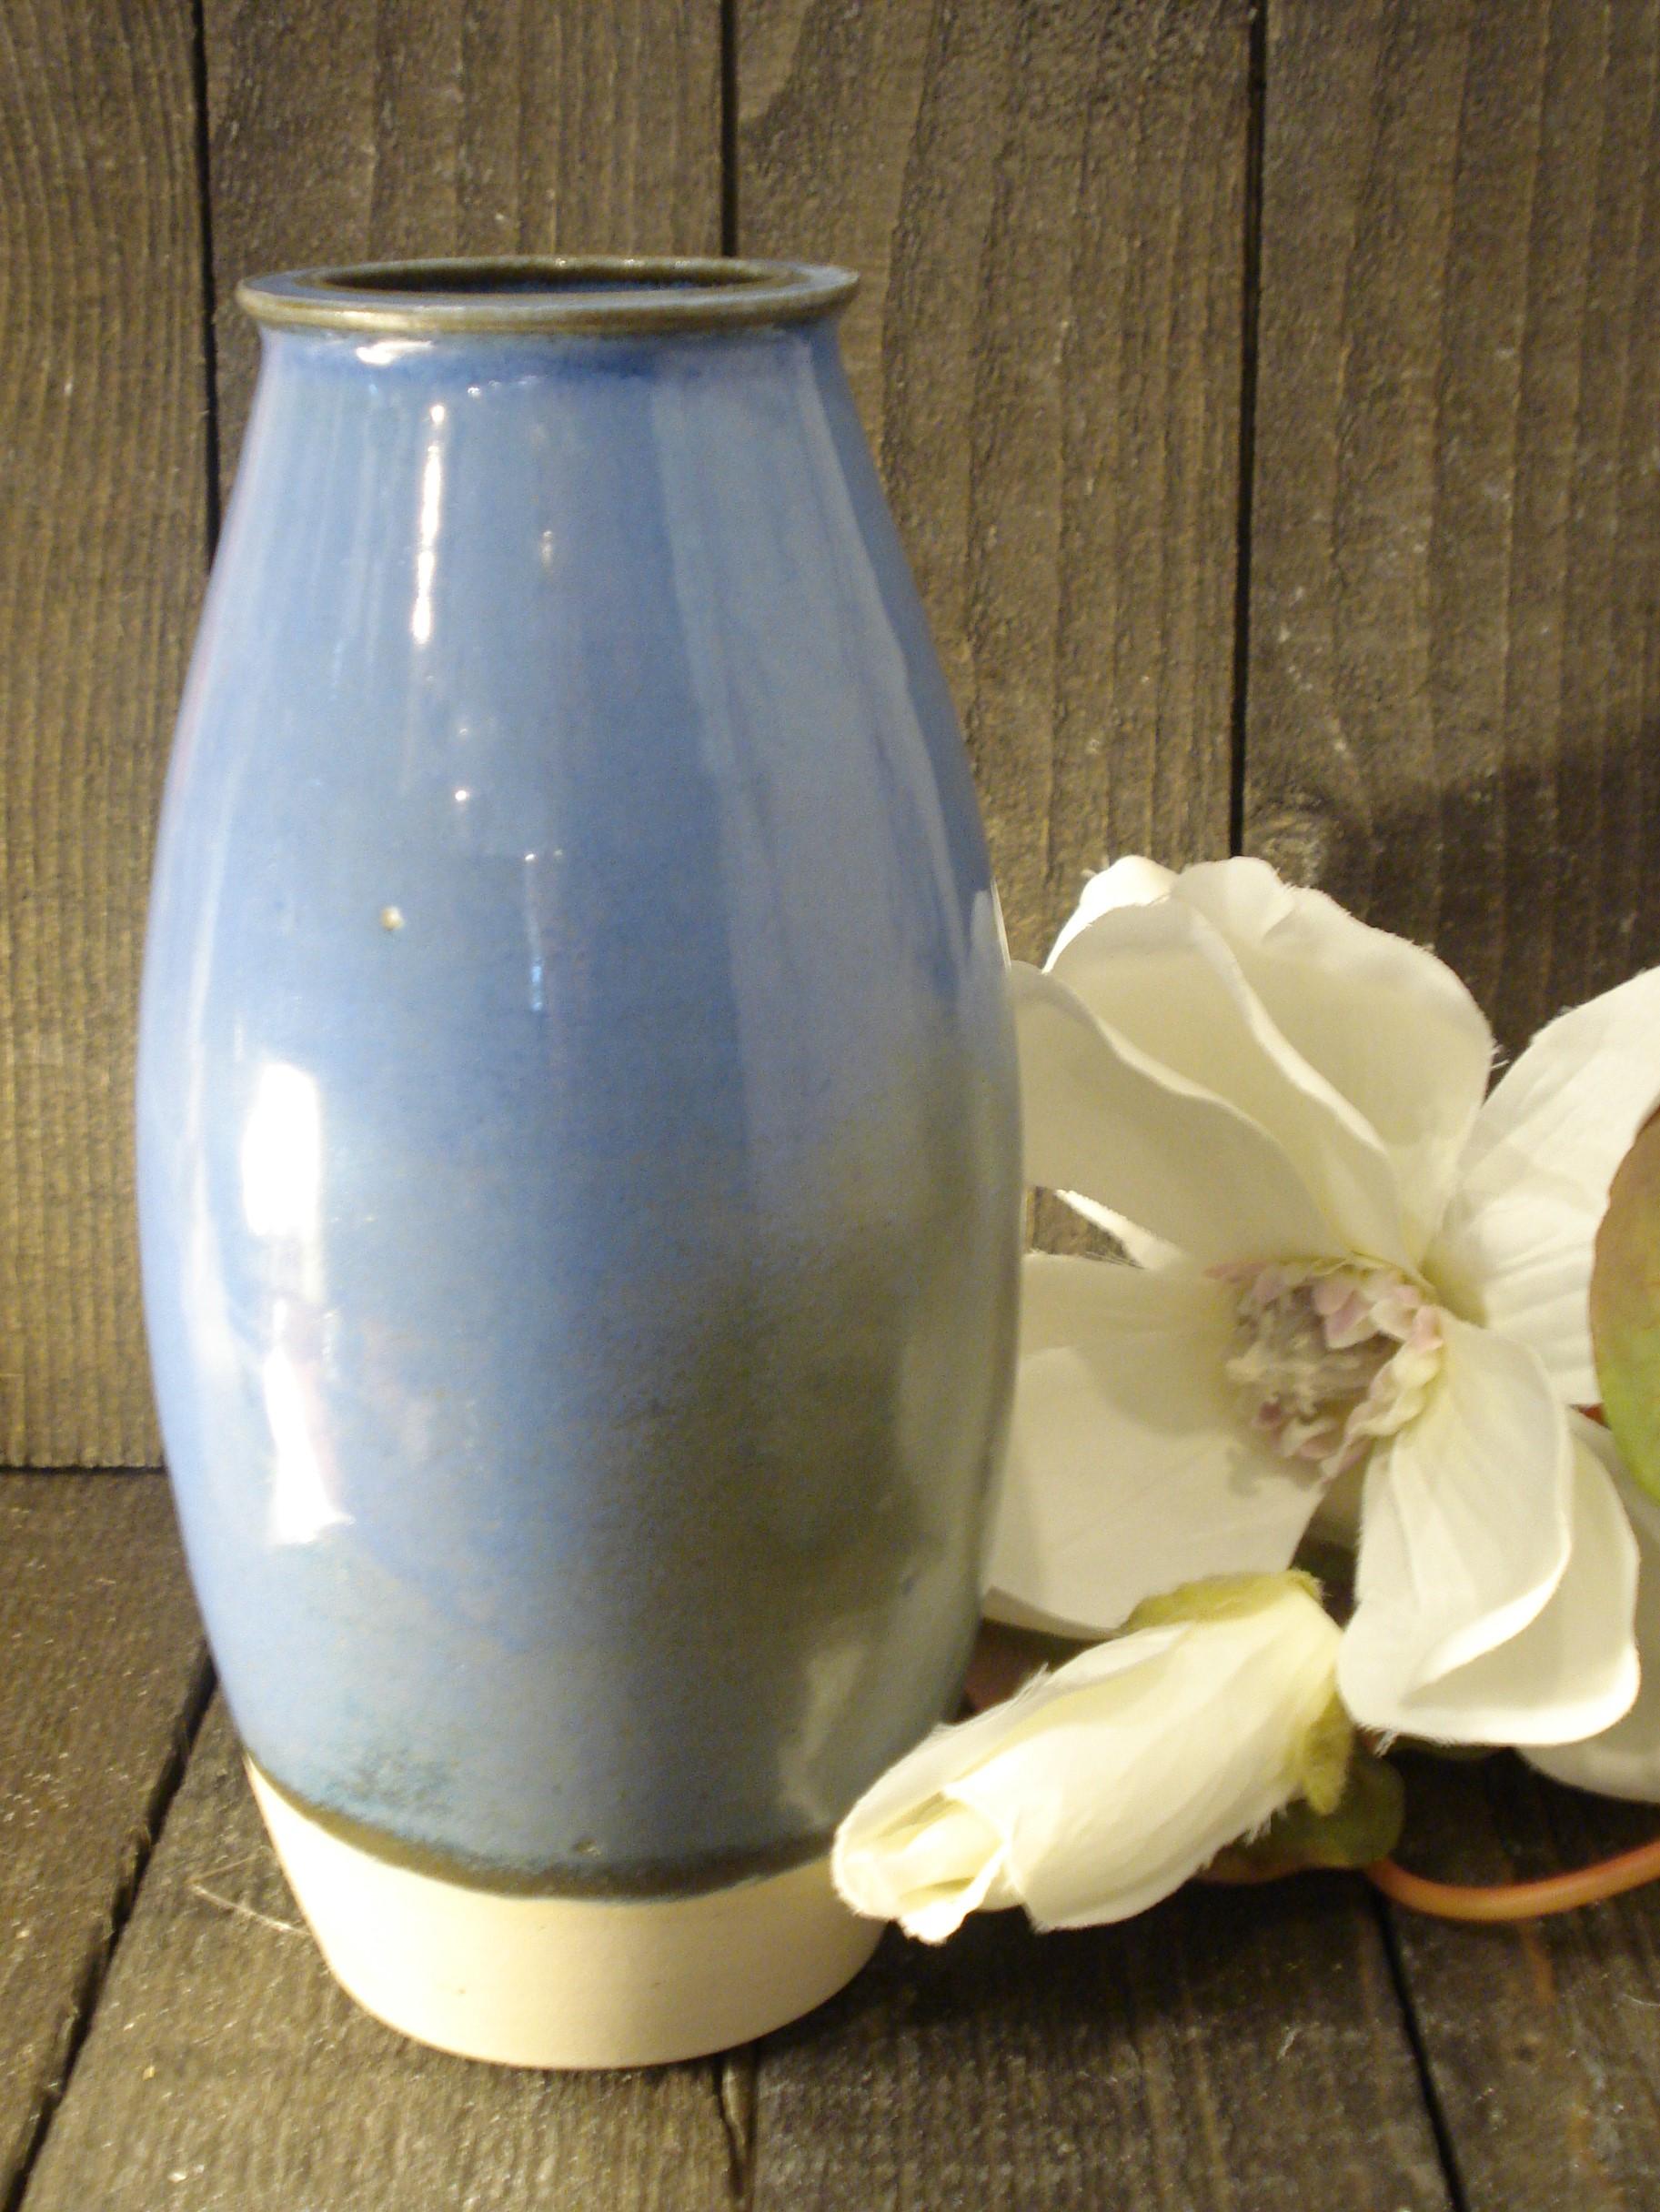 Blå/grøn vase fra Lars Kähler